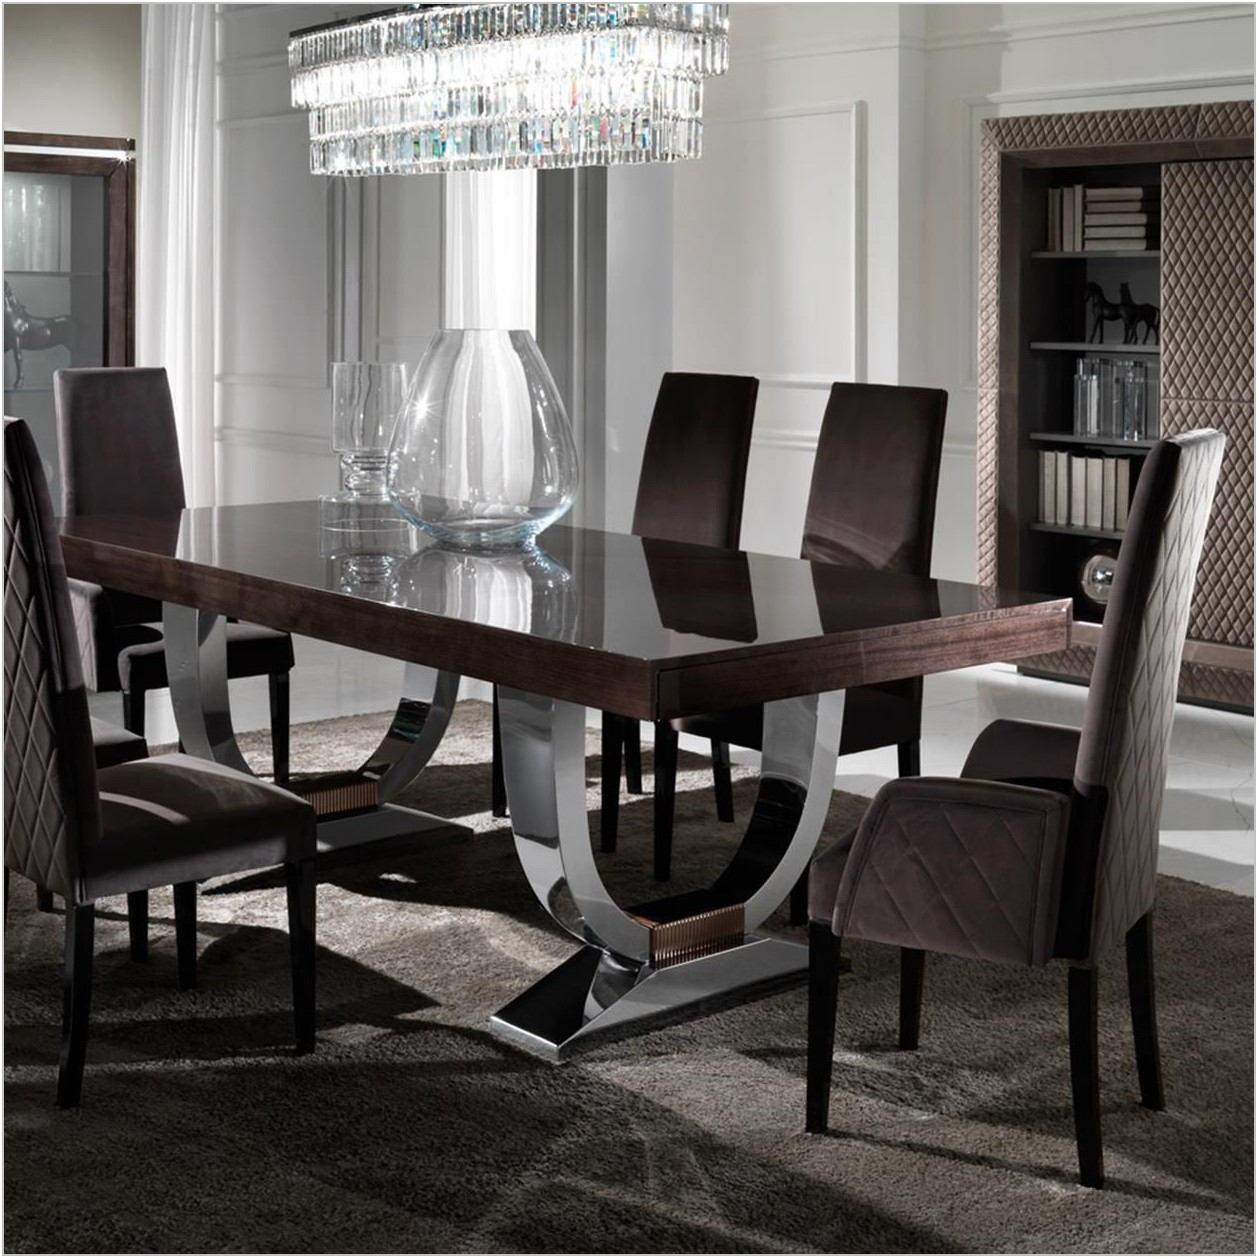 Luxury Italian Dining Room Sets